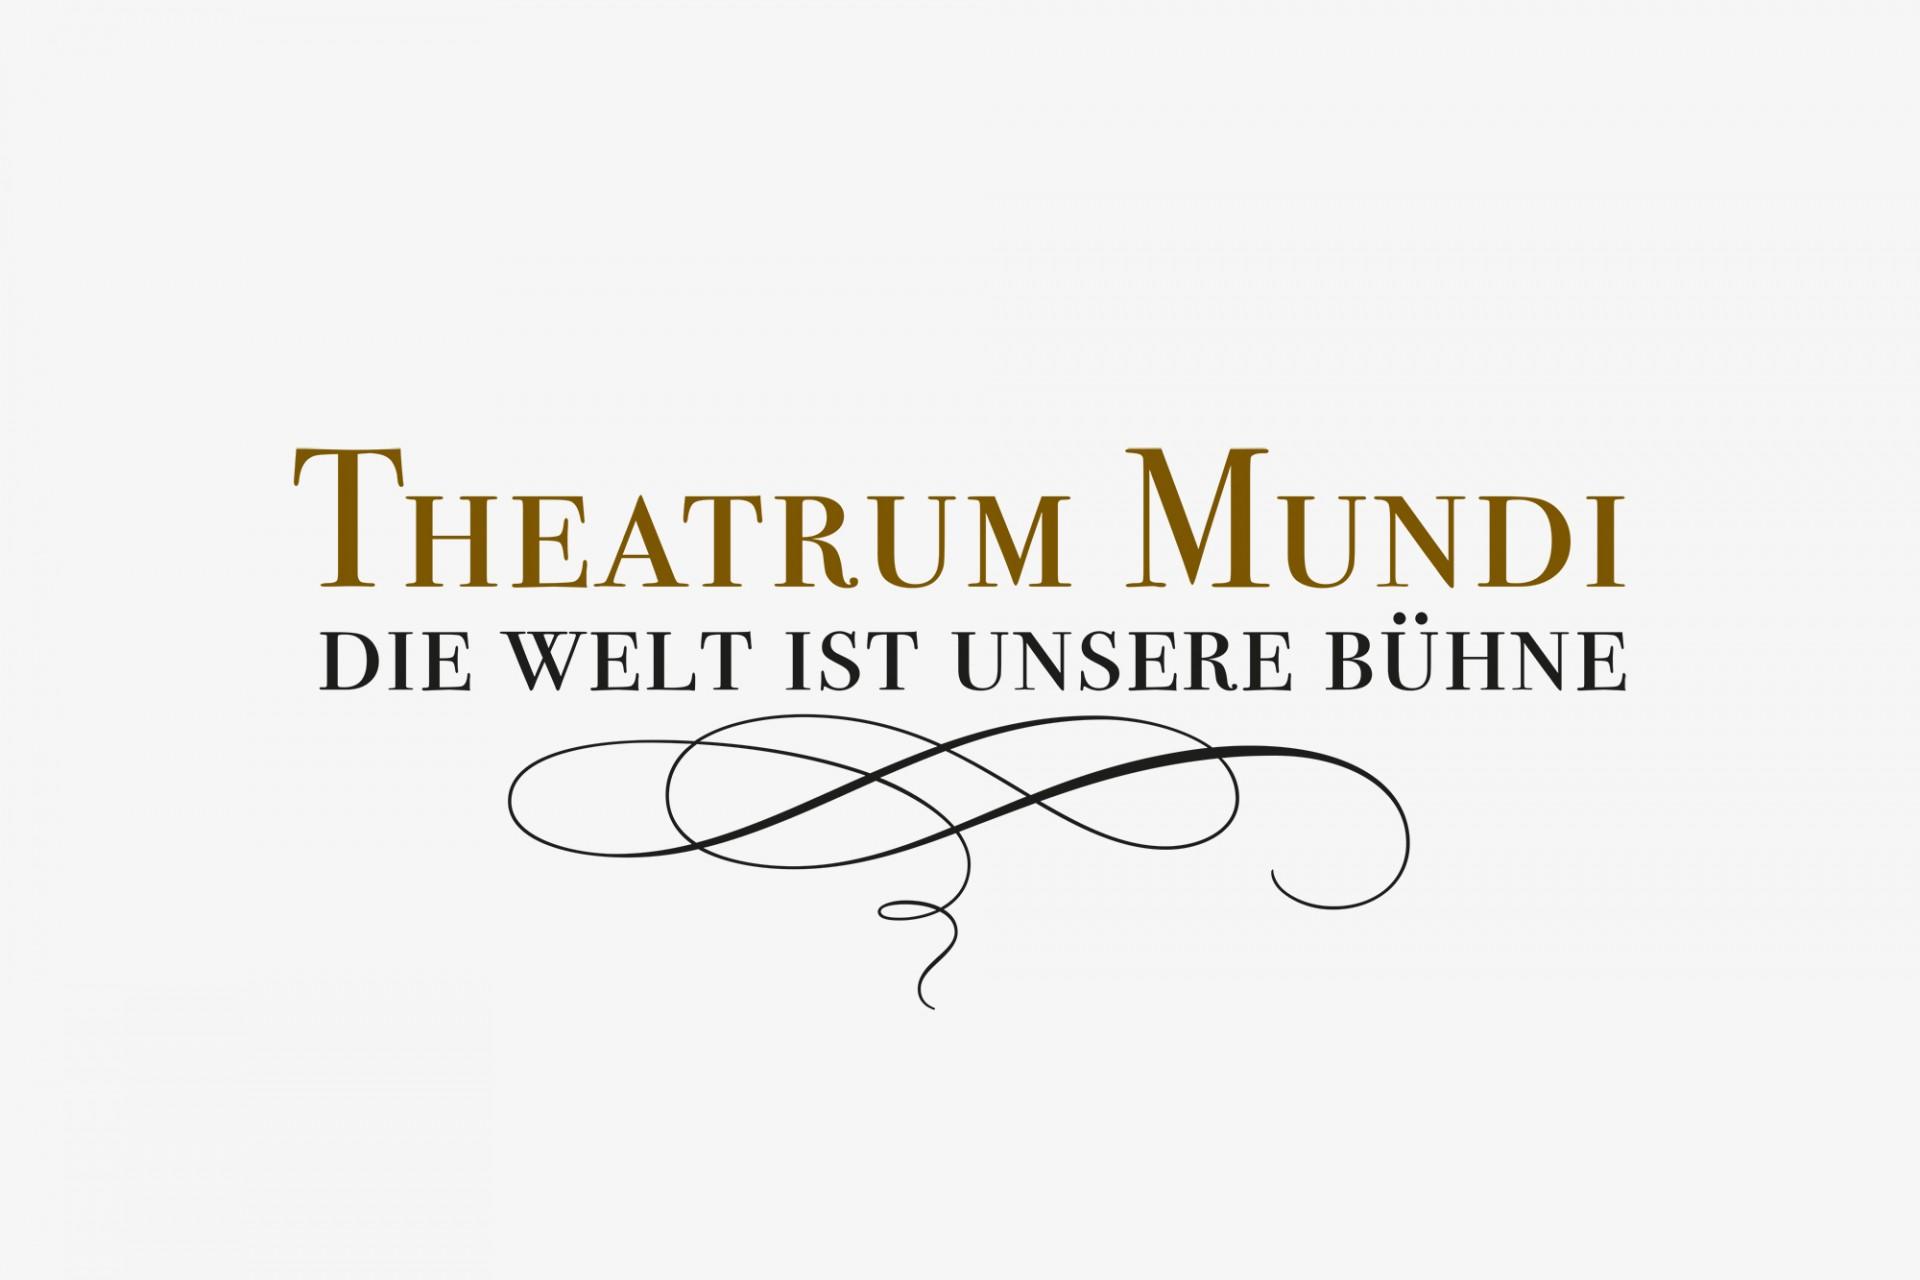 Gestaltanstalt Theatrum Mundi